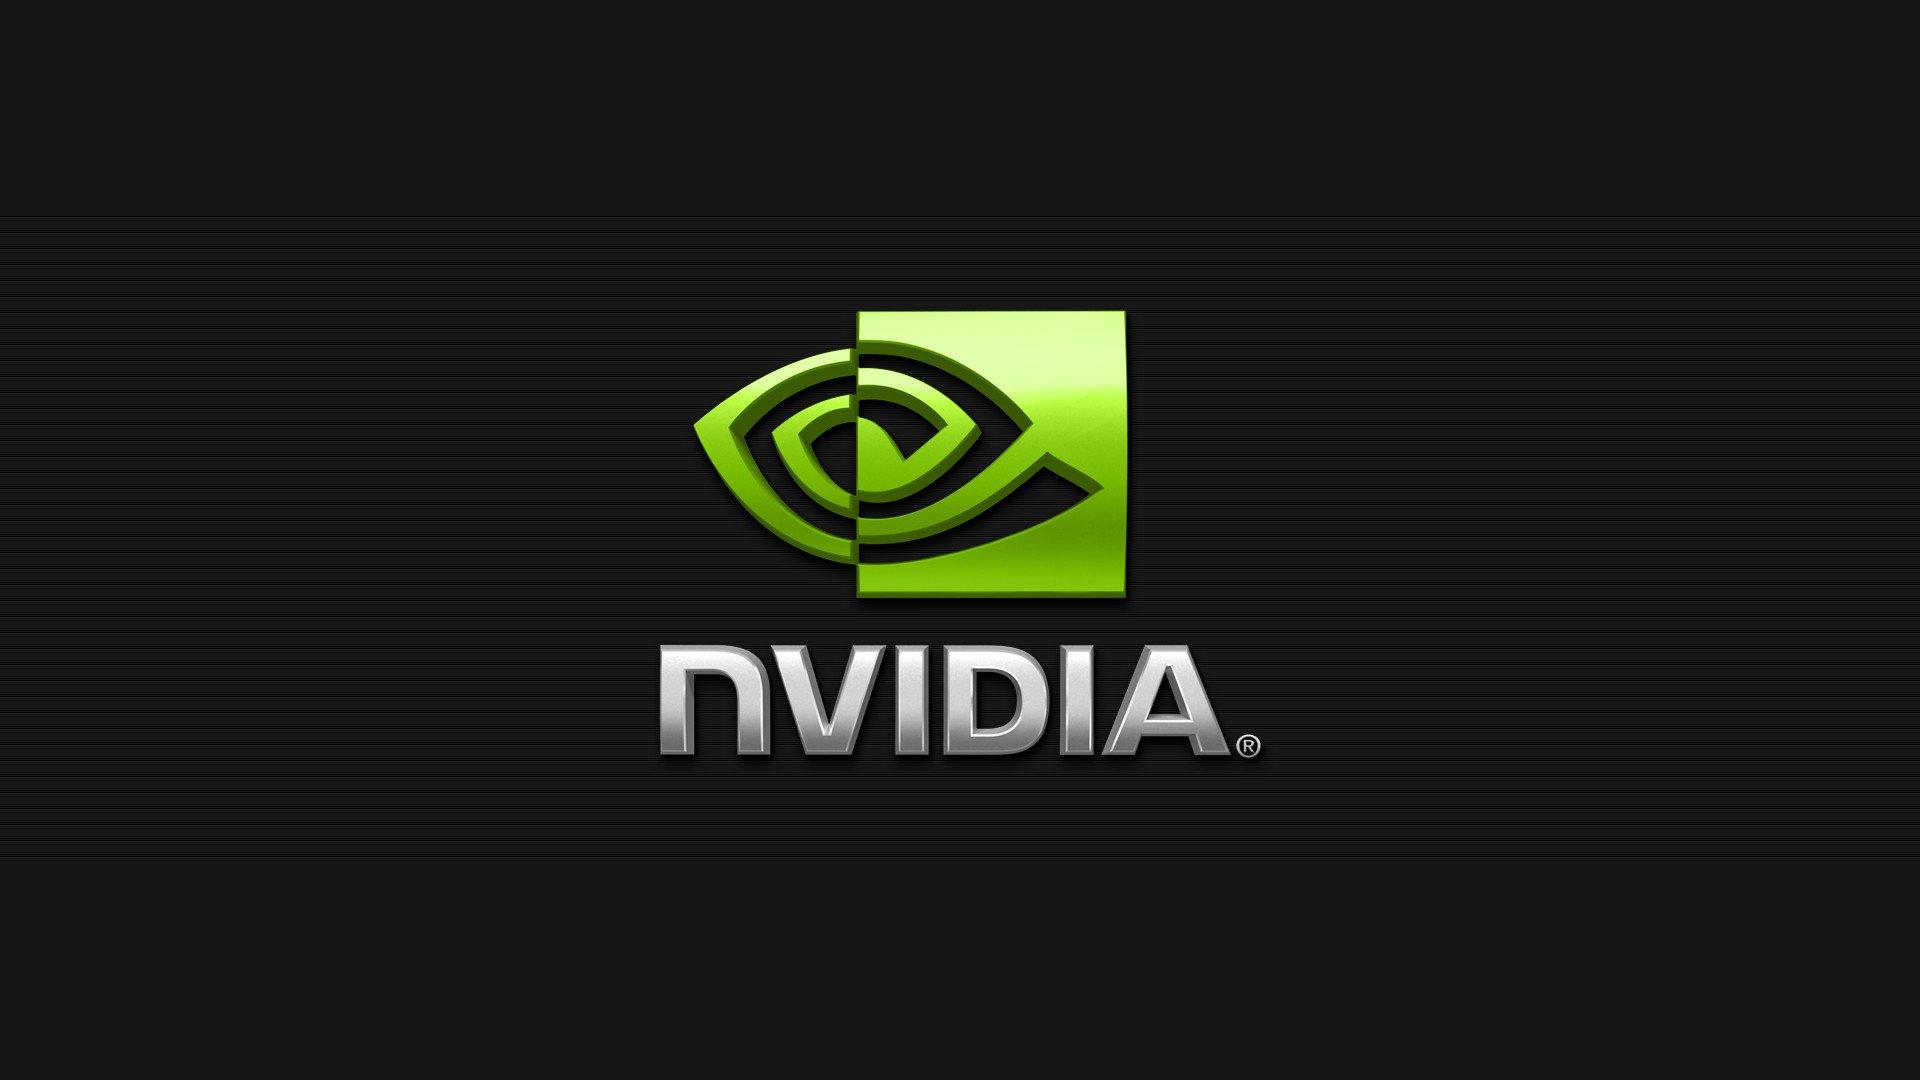 NVIDIA SHIELD Portable 2 in nuove immagini, ma potrebbe essere tardi